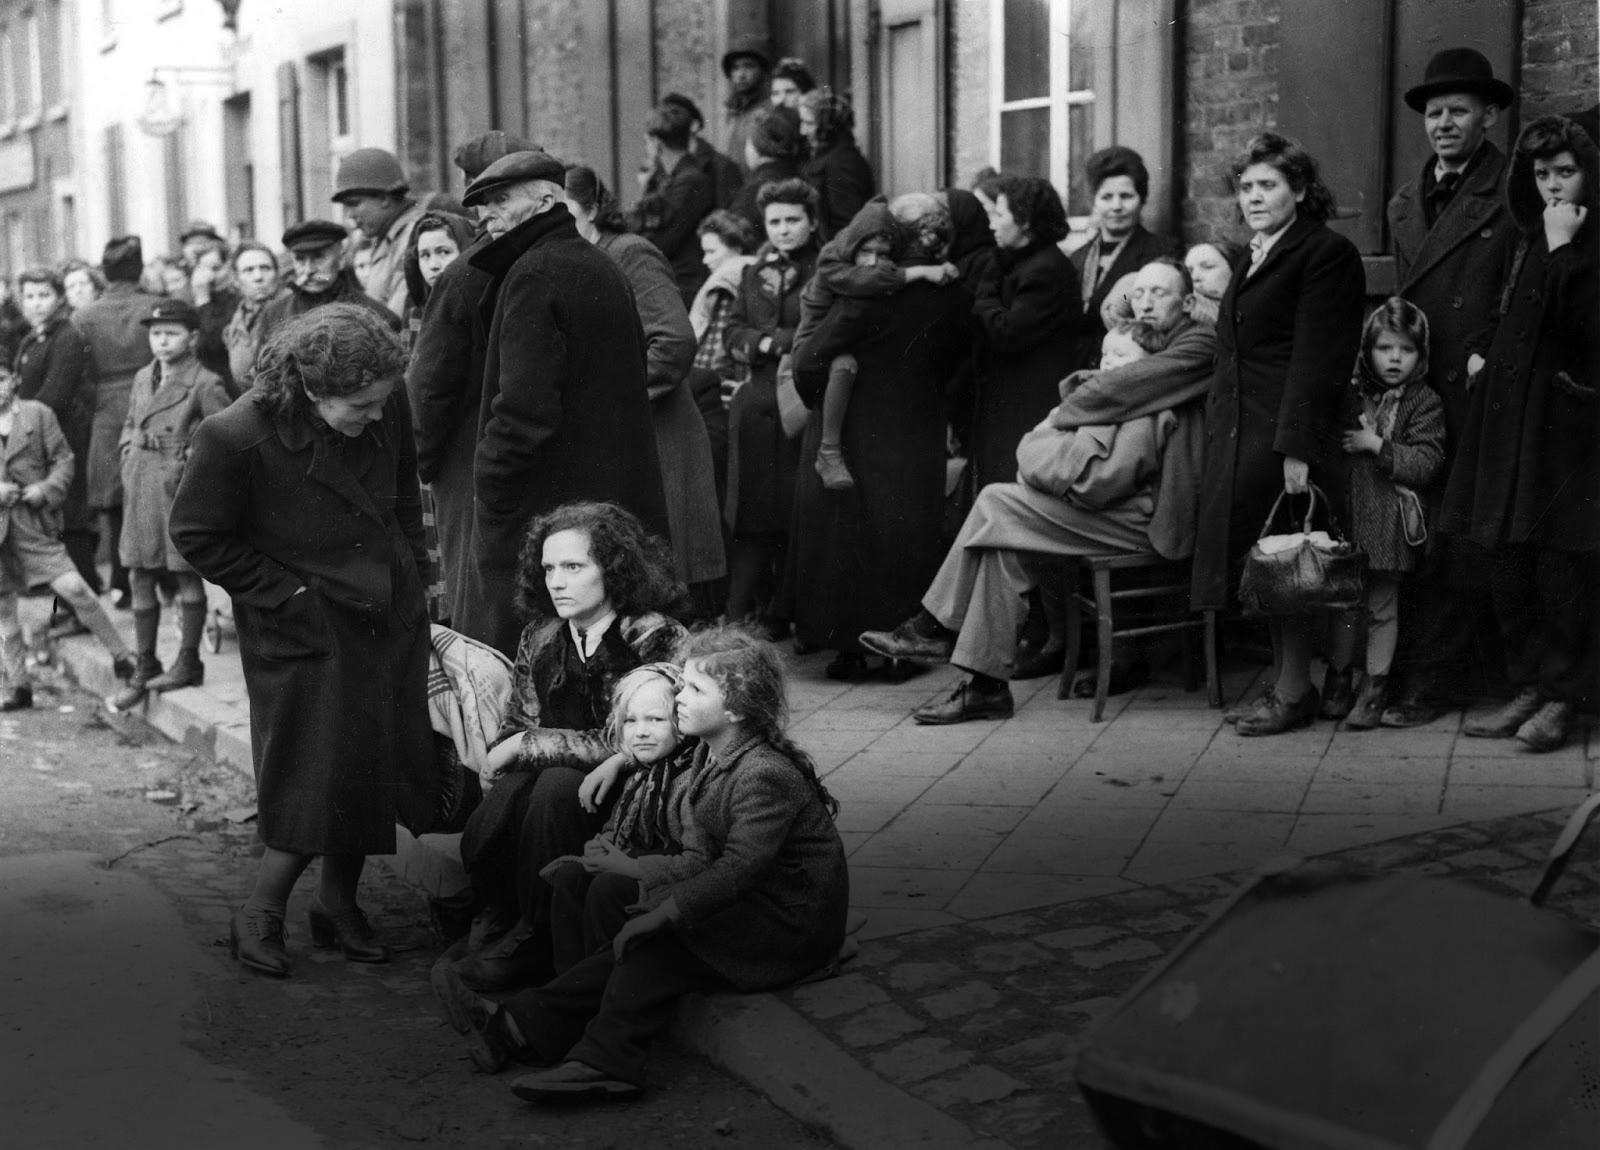 Germania 1945: Storia di un genocidio mancato